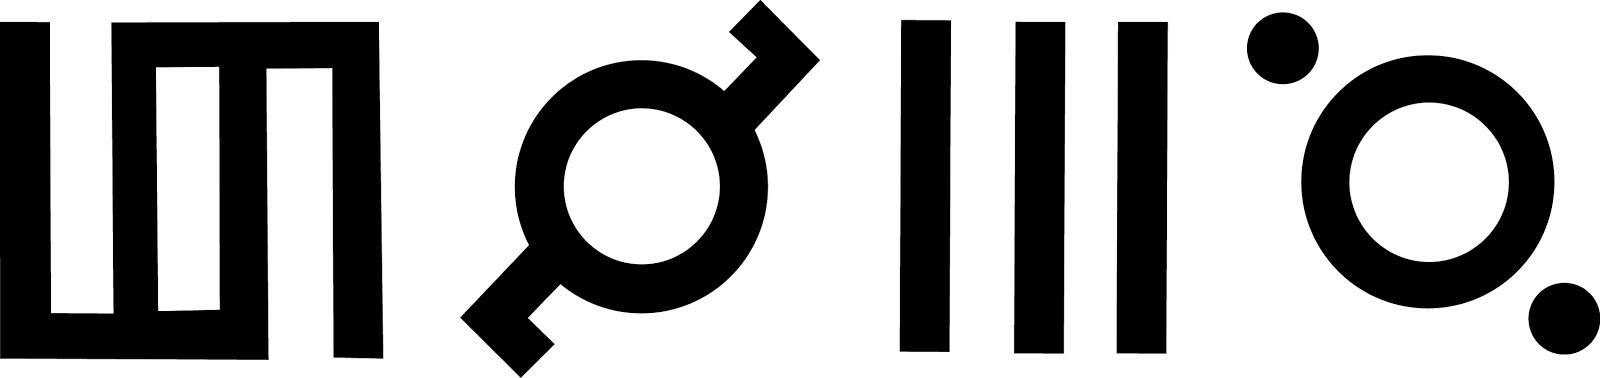 Logo 30STM terdiri dari 4 symbol seperti gambar di atas